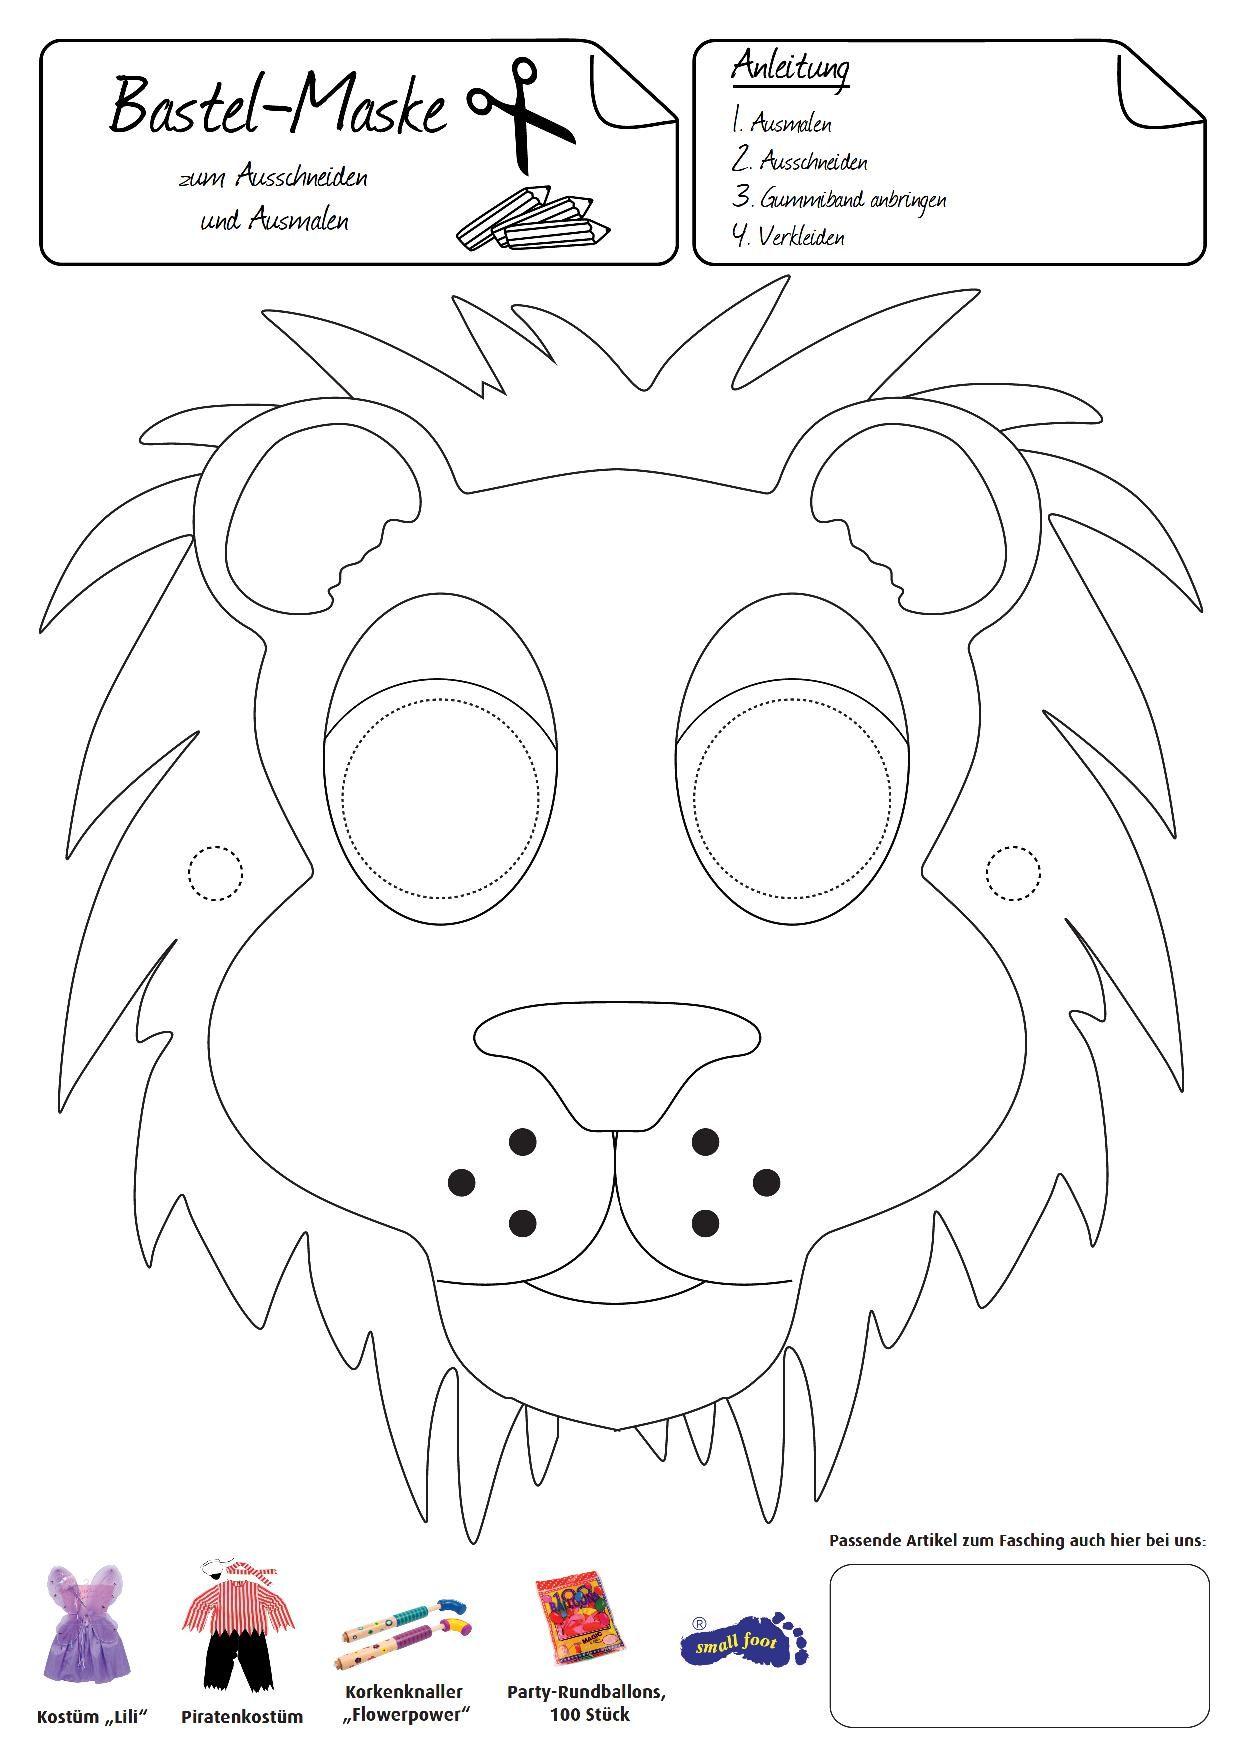 Löwen-Maske. Diese Maske macht Sie stolz, wie ein Löwe ...